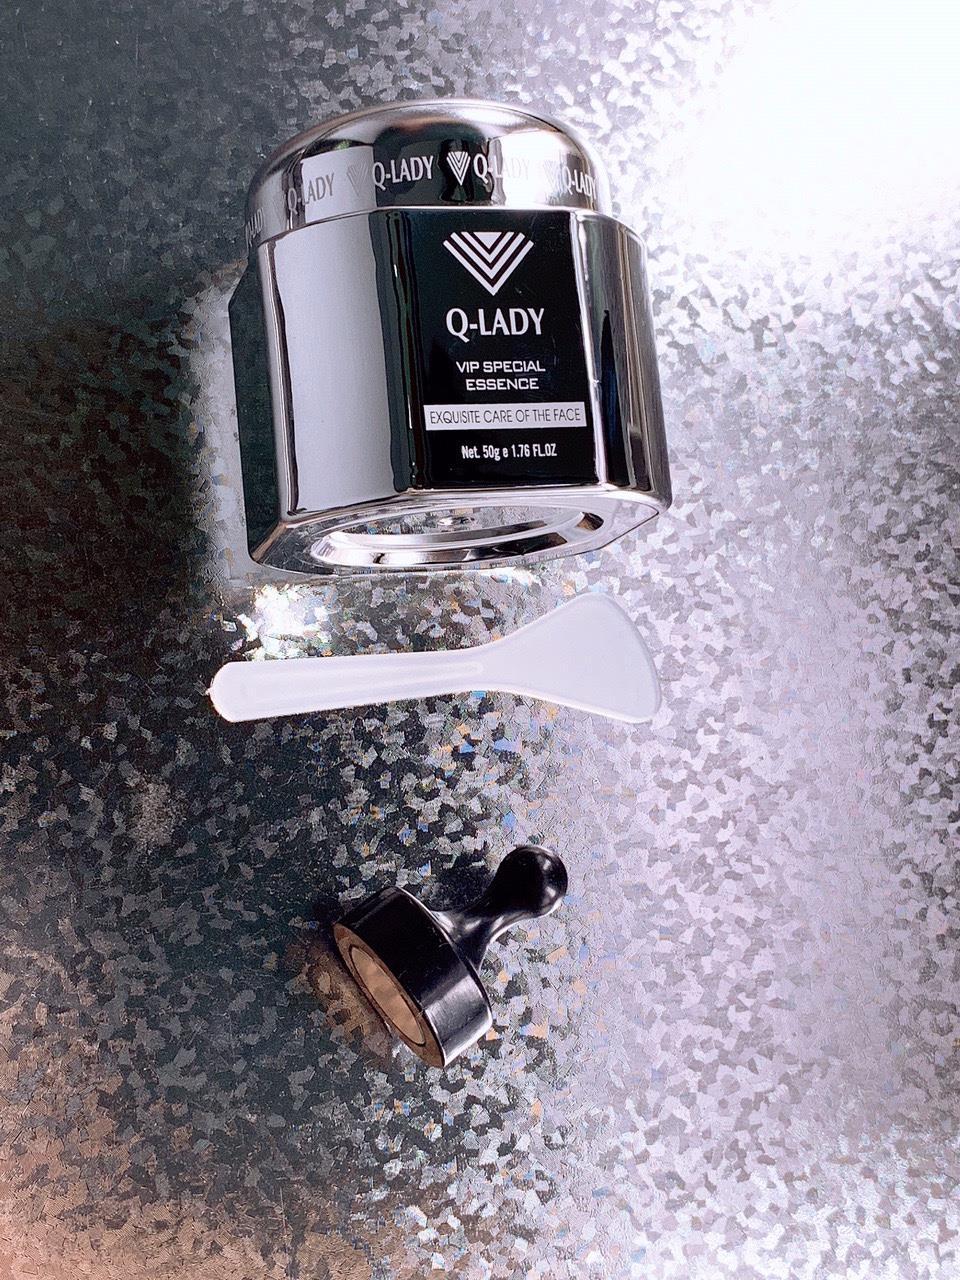 Q-Lady – Thương hiệu mỹ phẩm Việt được ưa chuộng hiện nay - Ảnh 4.